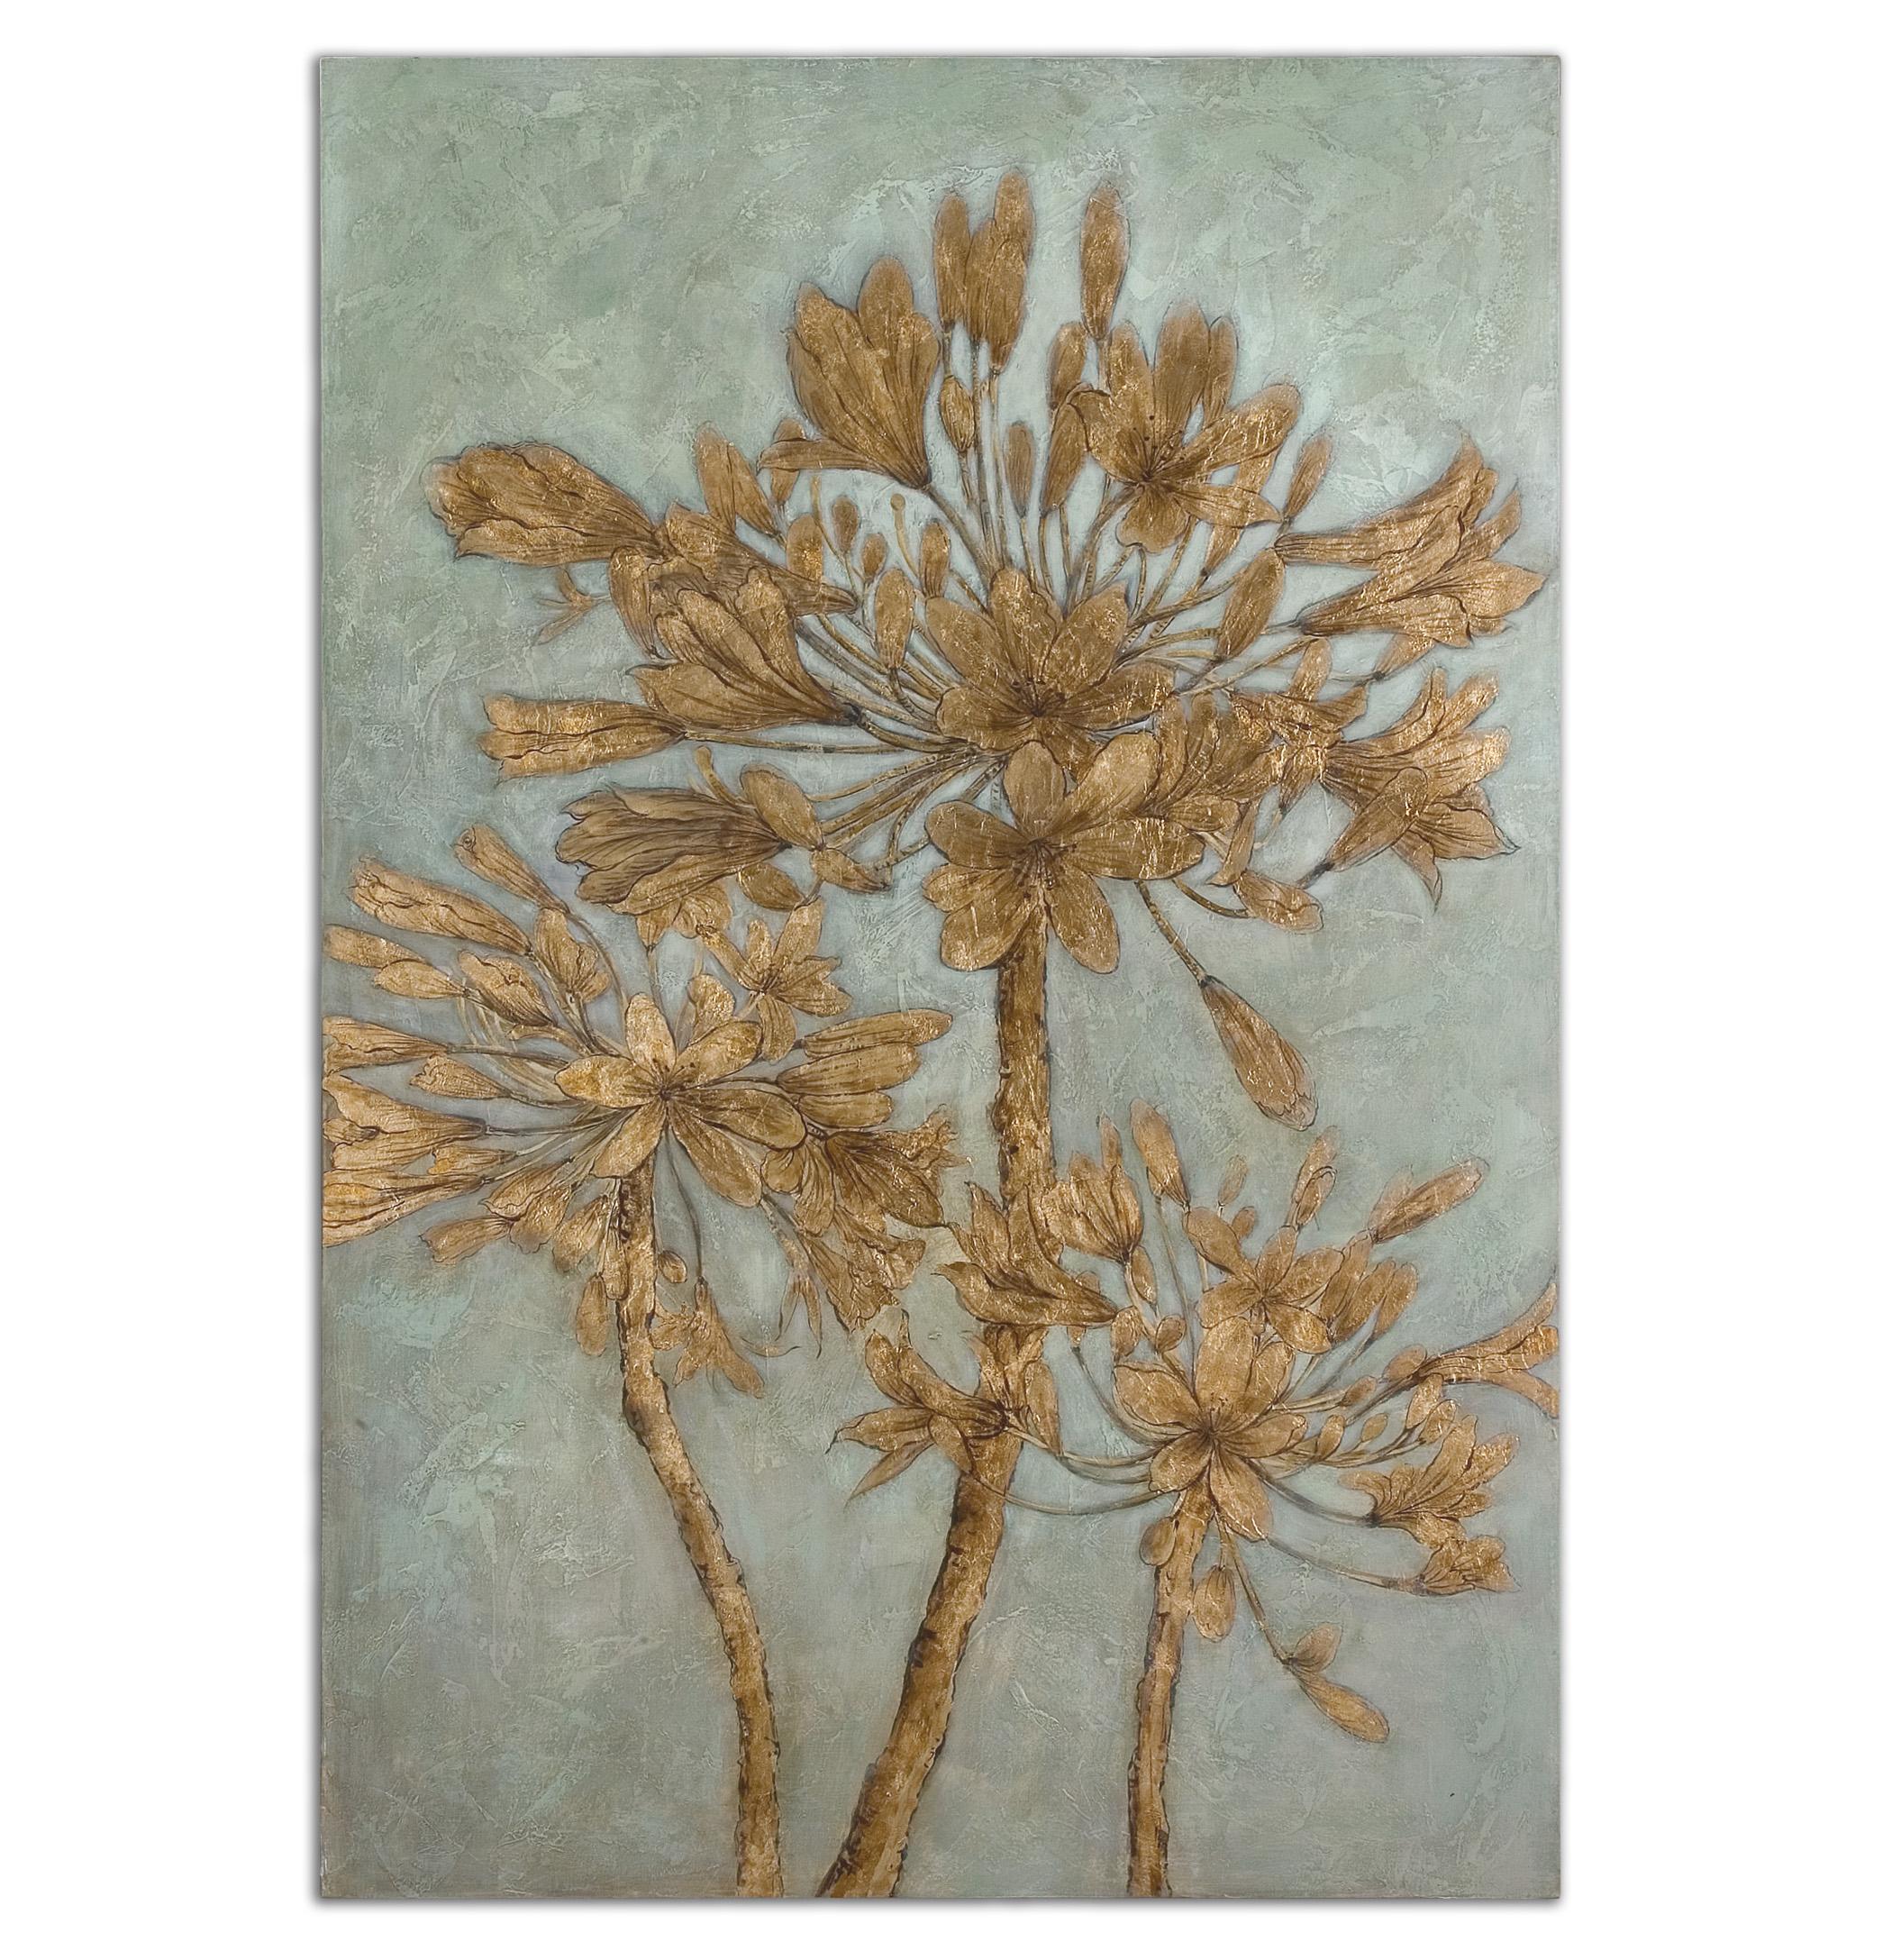 Uttermost Art Golden Leaves Wall Art - Item Number: 34275